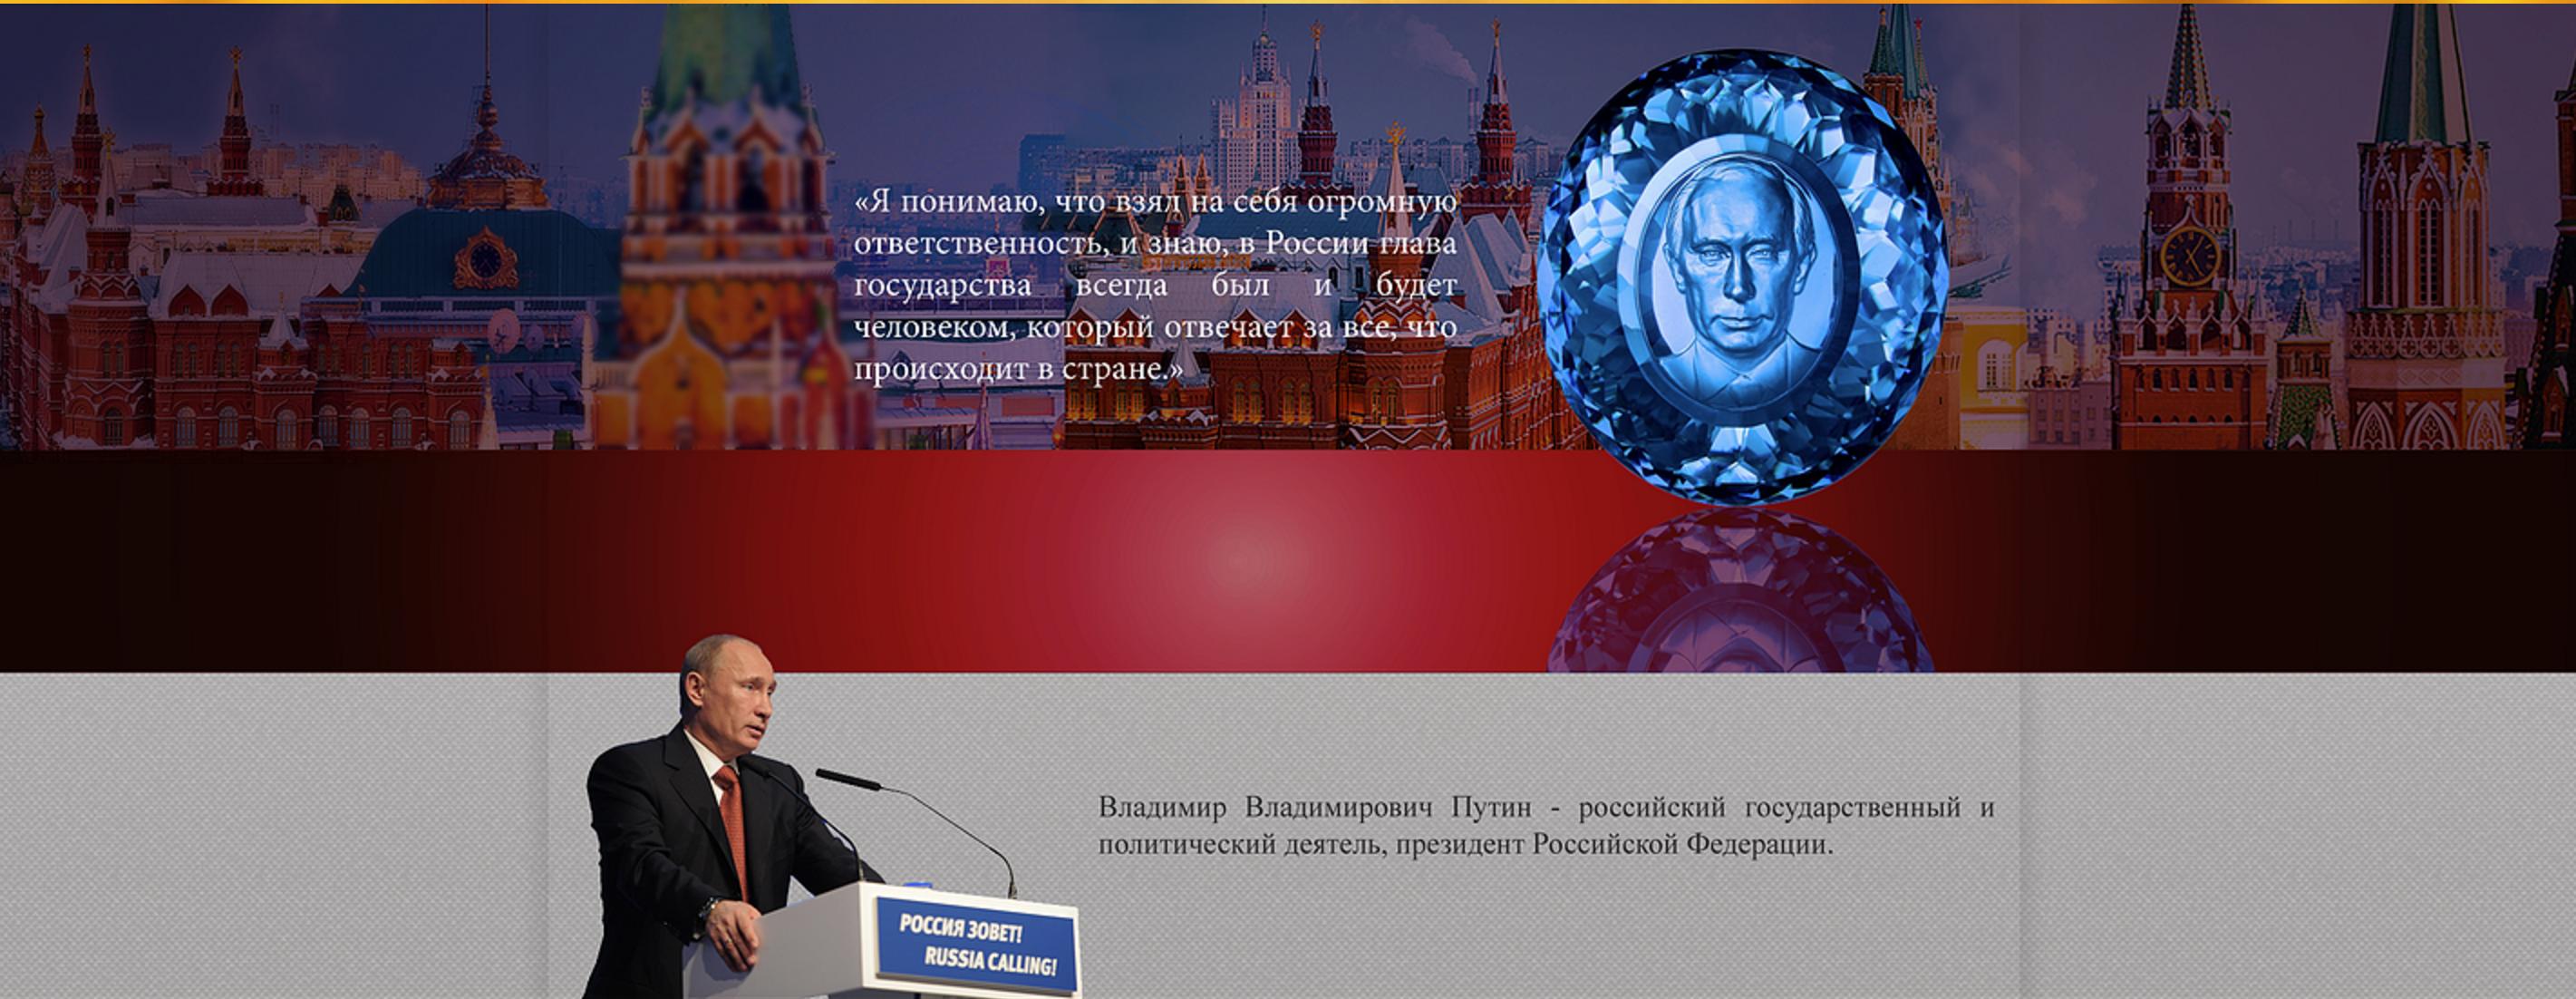 Виктор Петрик создал портрет Президента РФ на 600 - граммовом сапфире